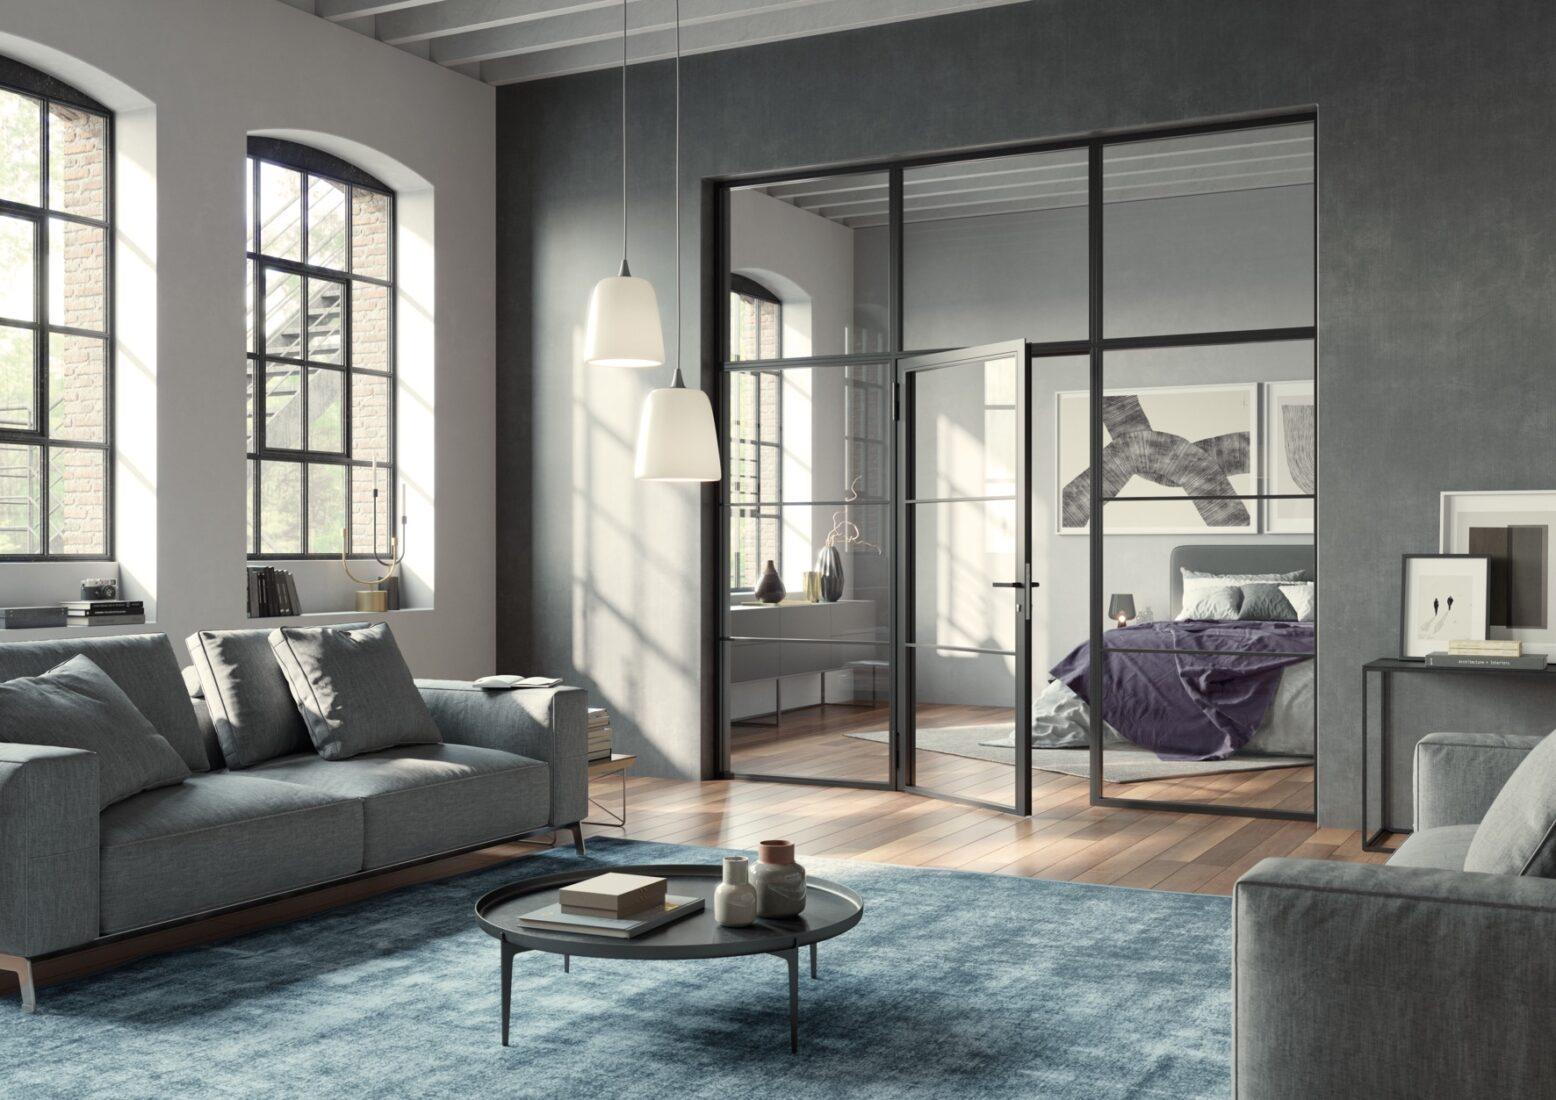 Die schmale Profilansicht und die matt-schwarze Farbe prägen den Industrial-Style. Foto: Hörmann